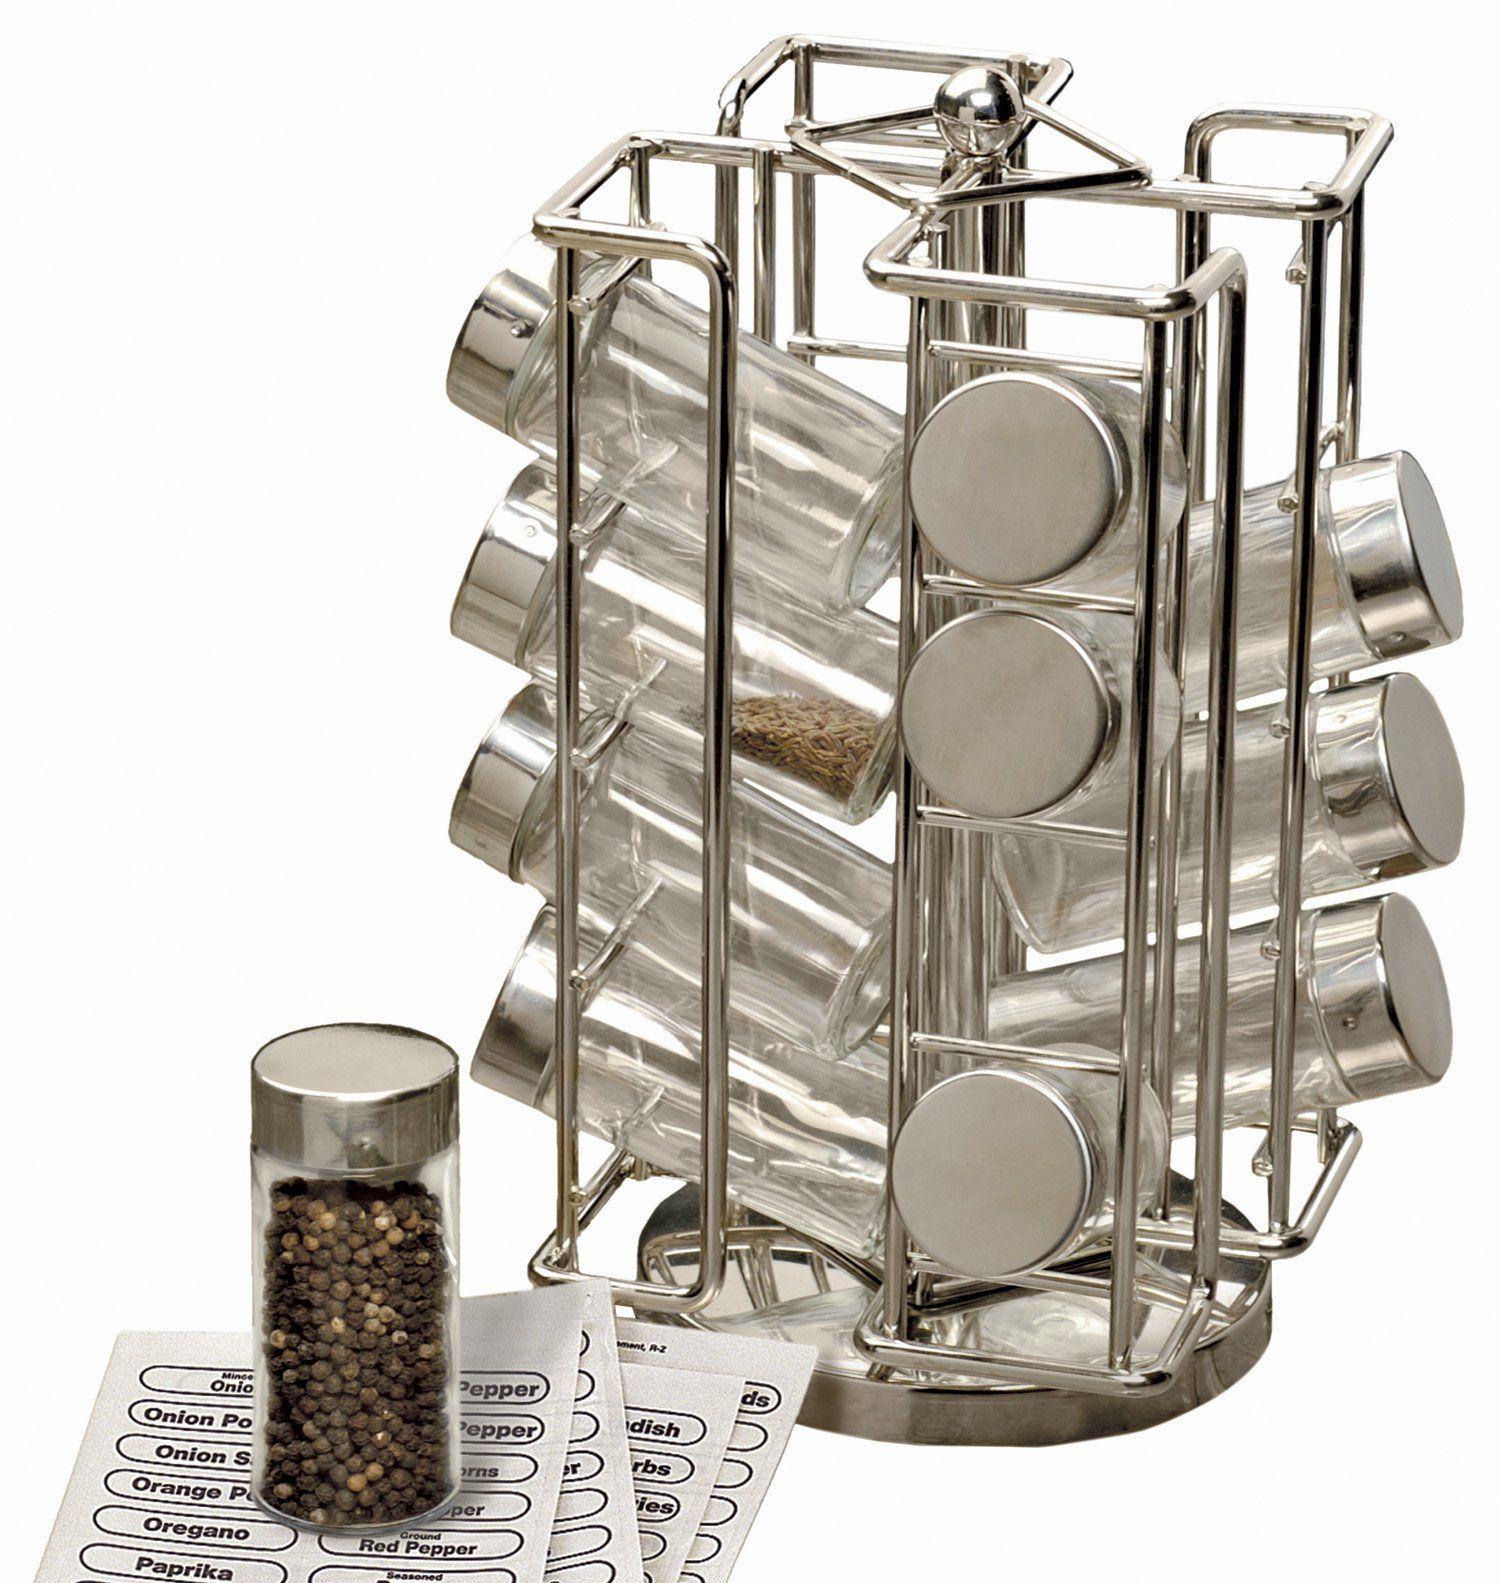 RSVP International 16 Bottle Stainless Steel Revolving Spice Rack